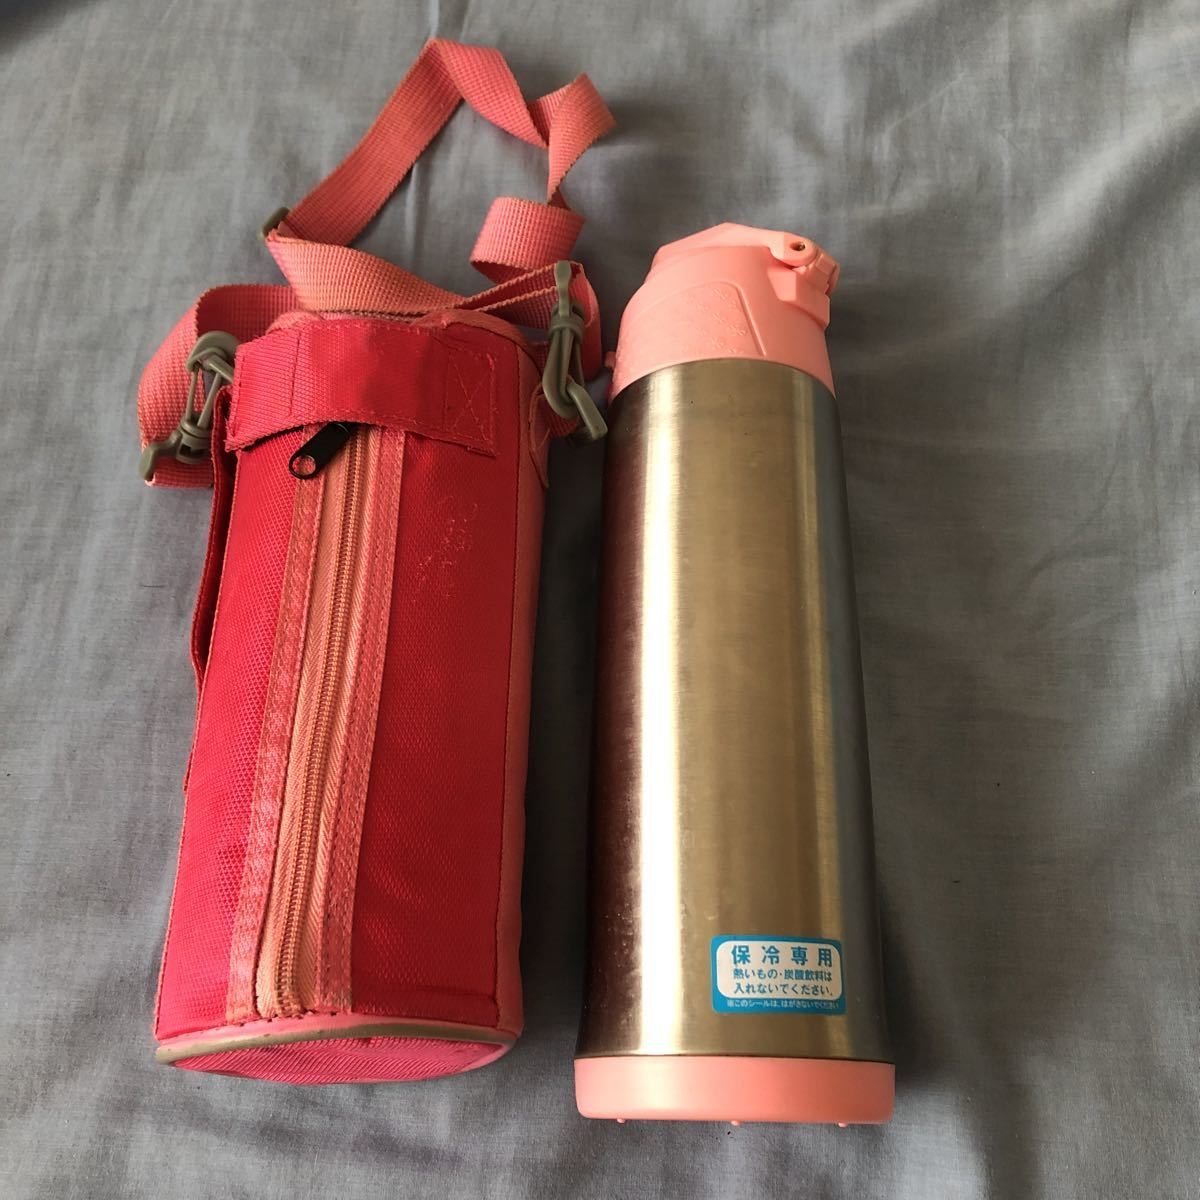 ステンレスボトル 1リットル 保冷専用 ピンク